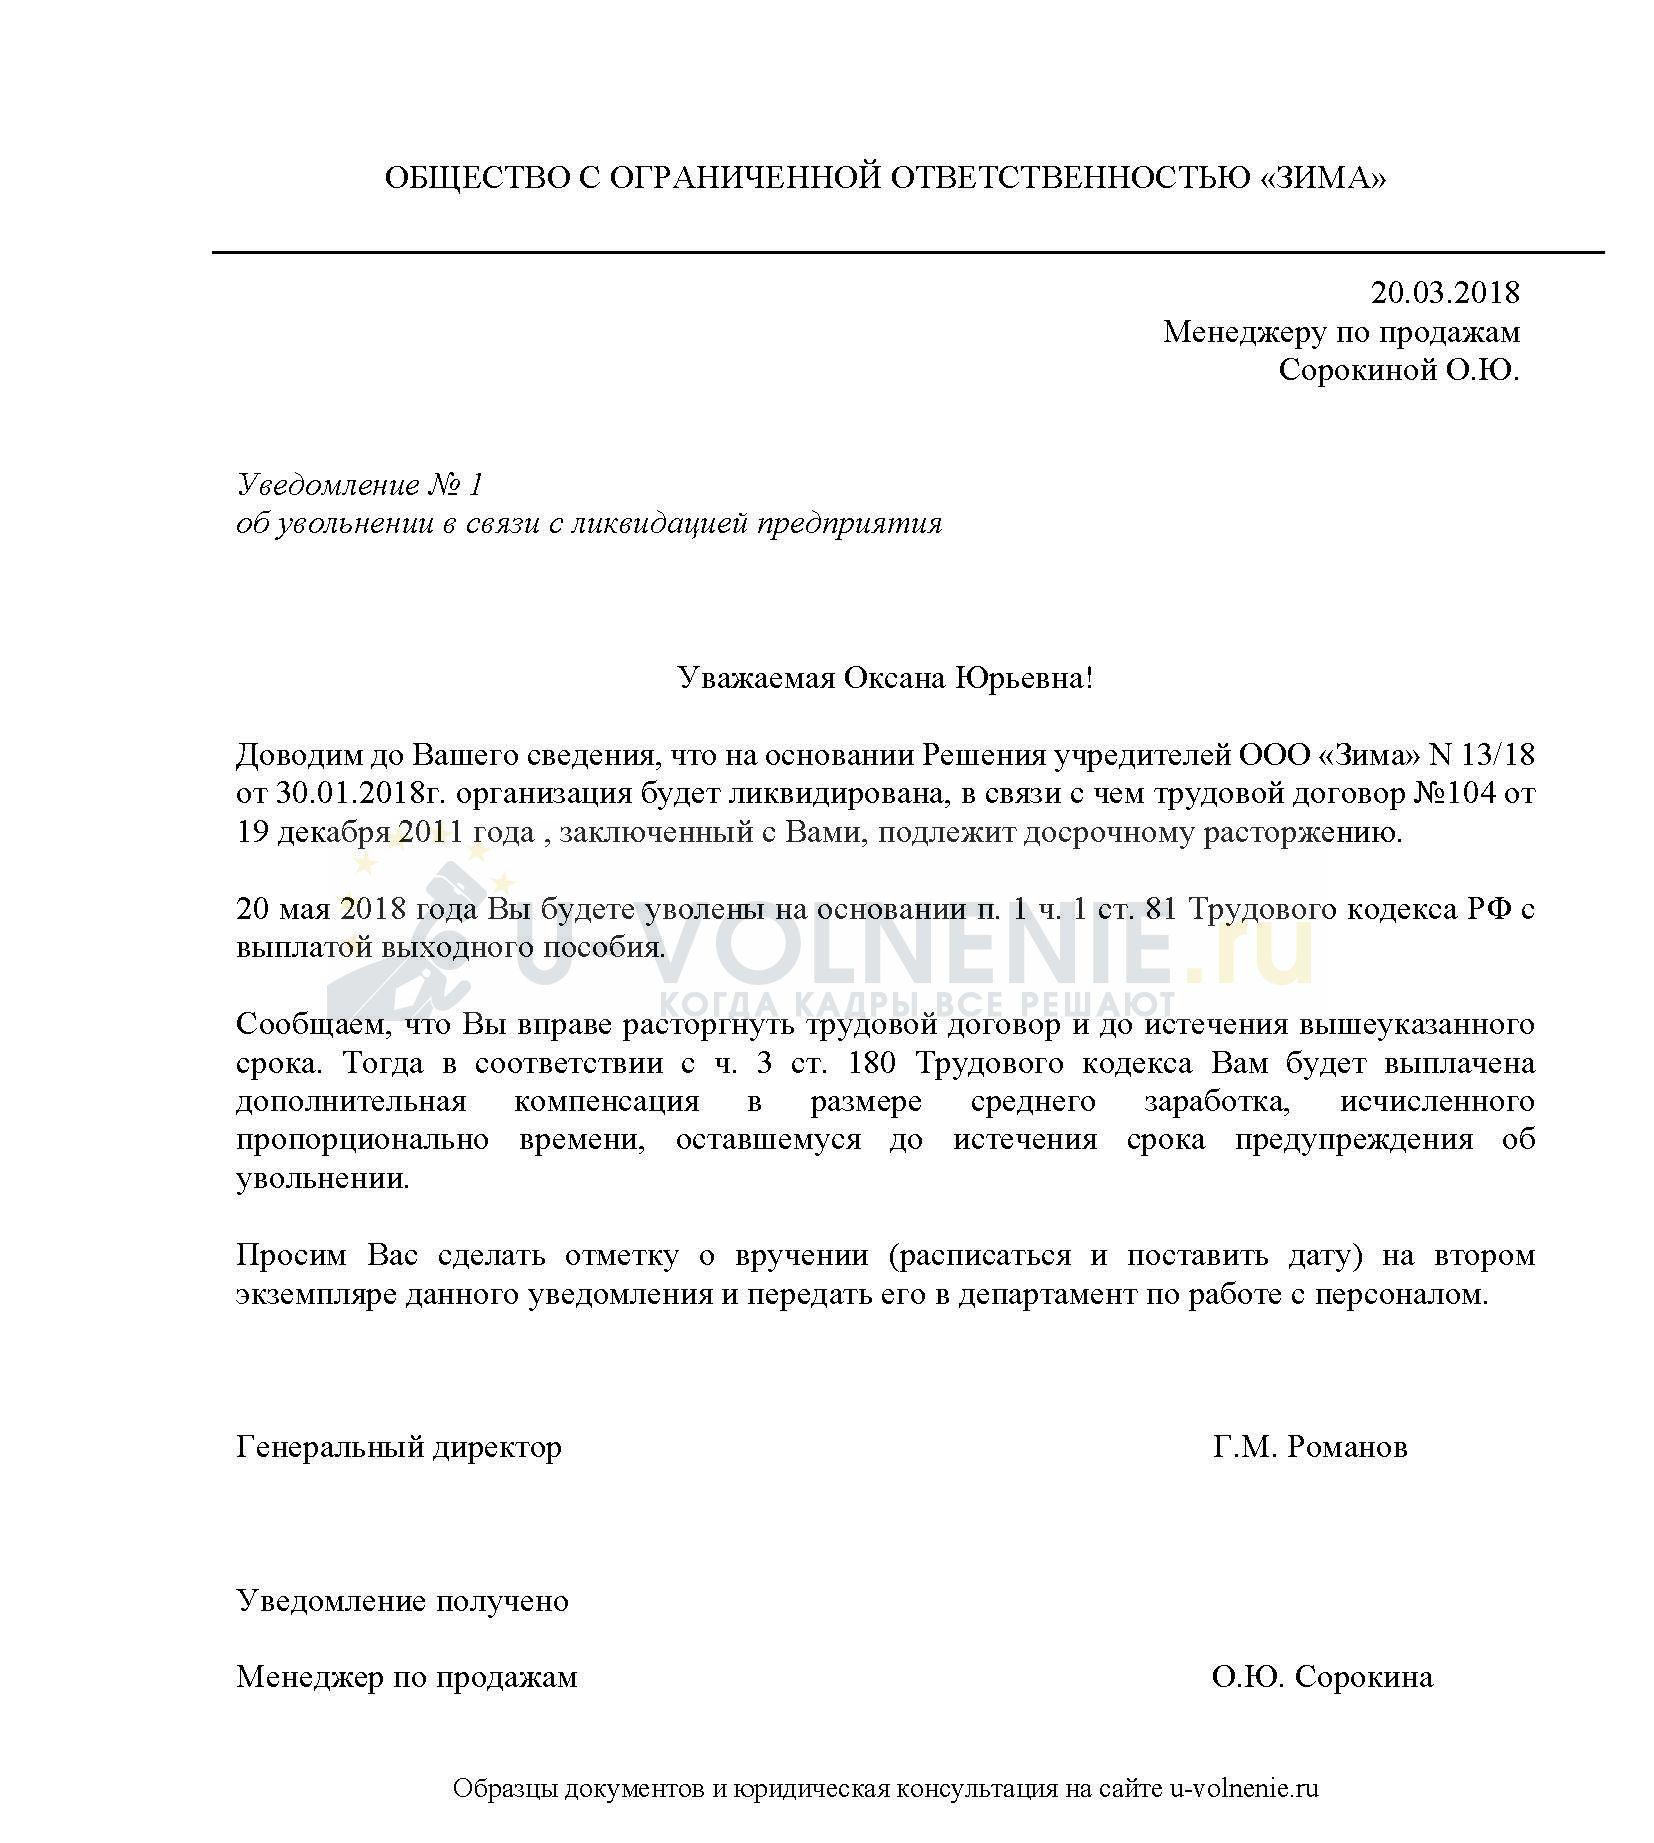 Образец уведомления об увольнение в связи с ликвидацией